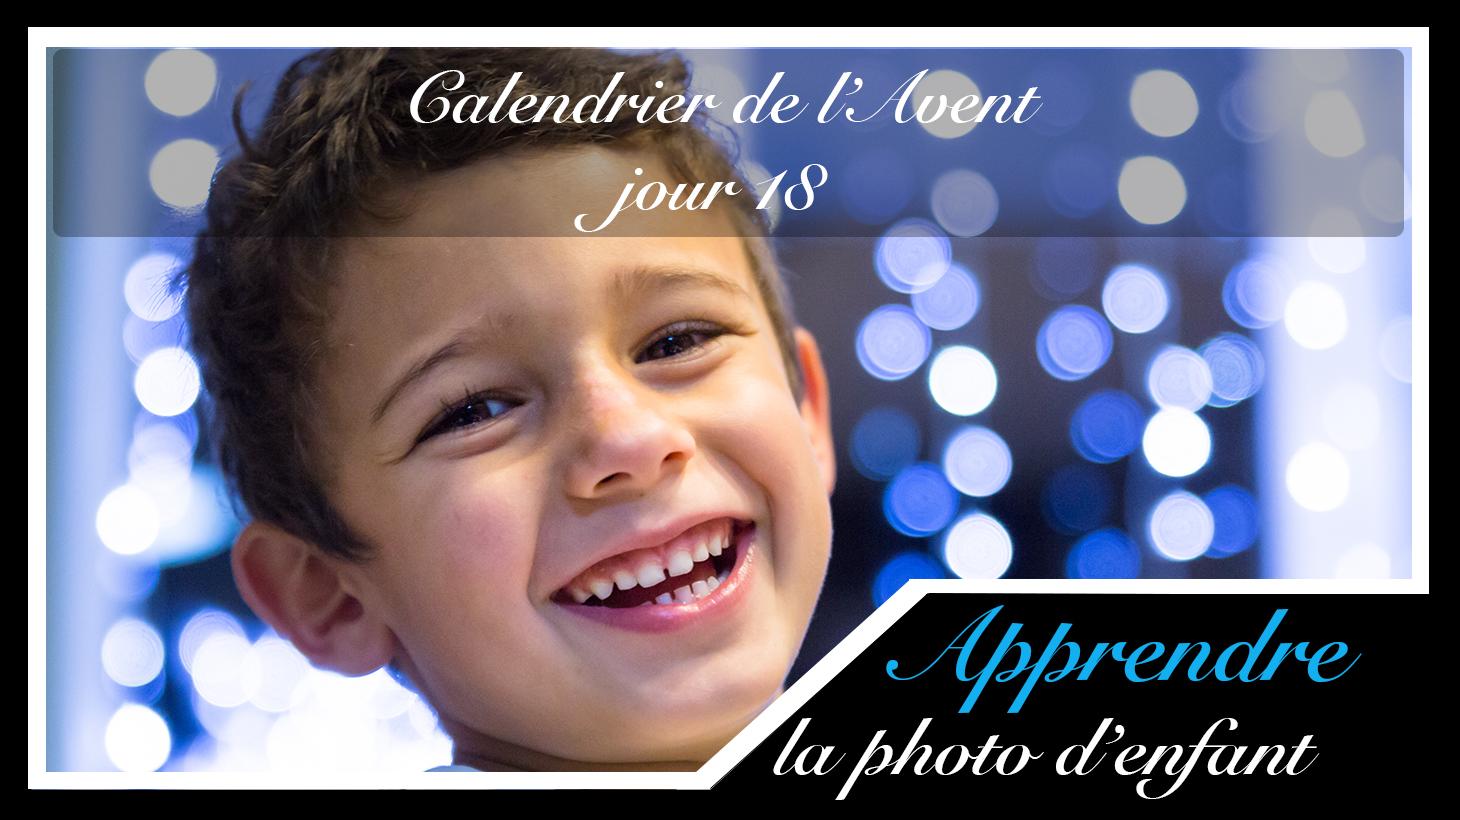 Jour 18 – Calendrier de l'Avent spécial Photo d'enfant